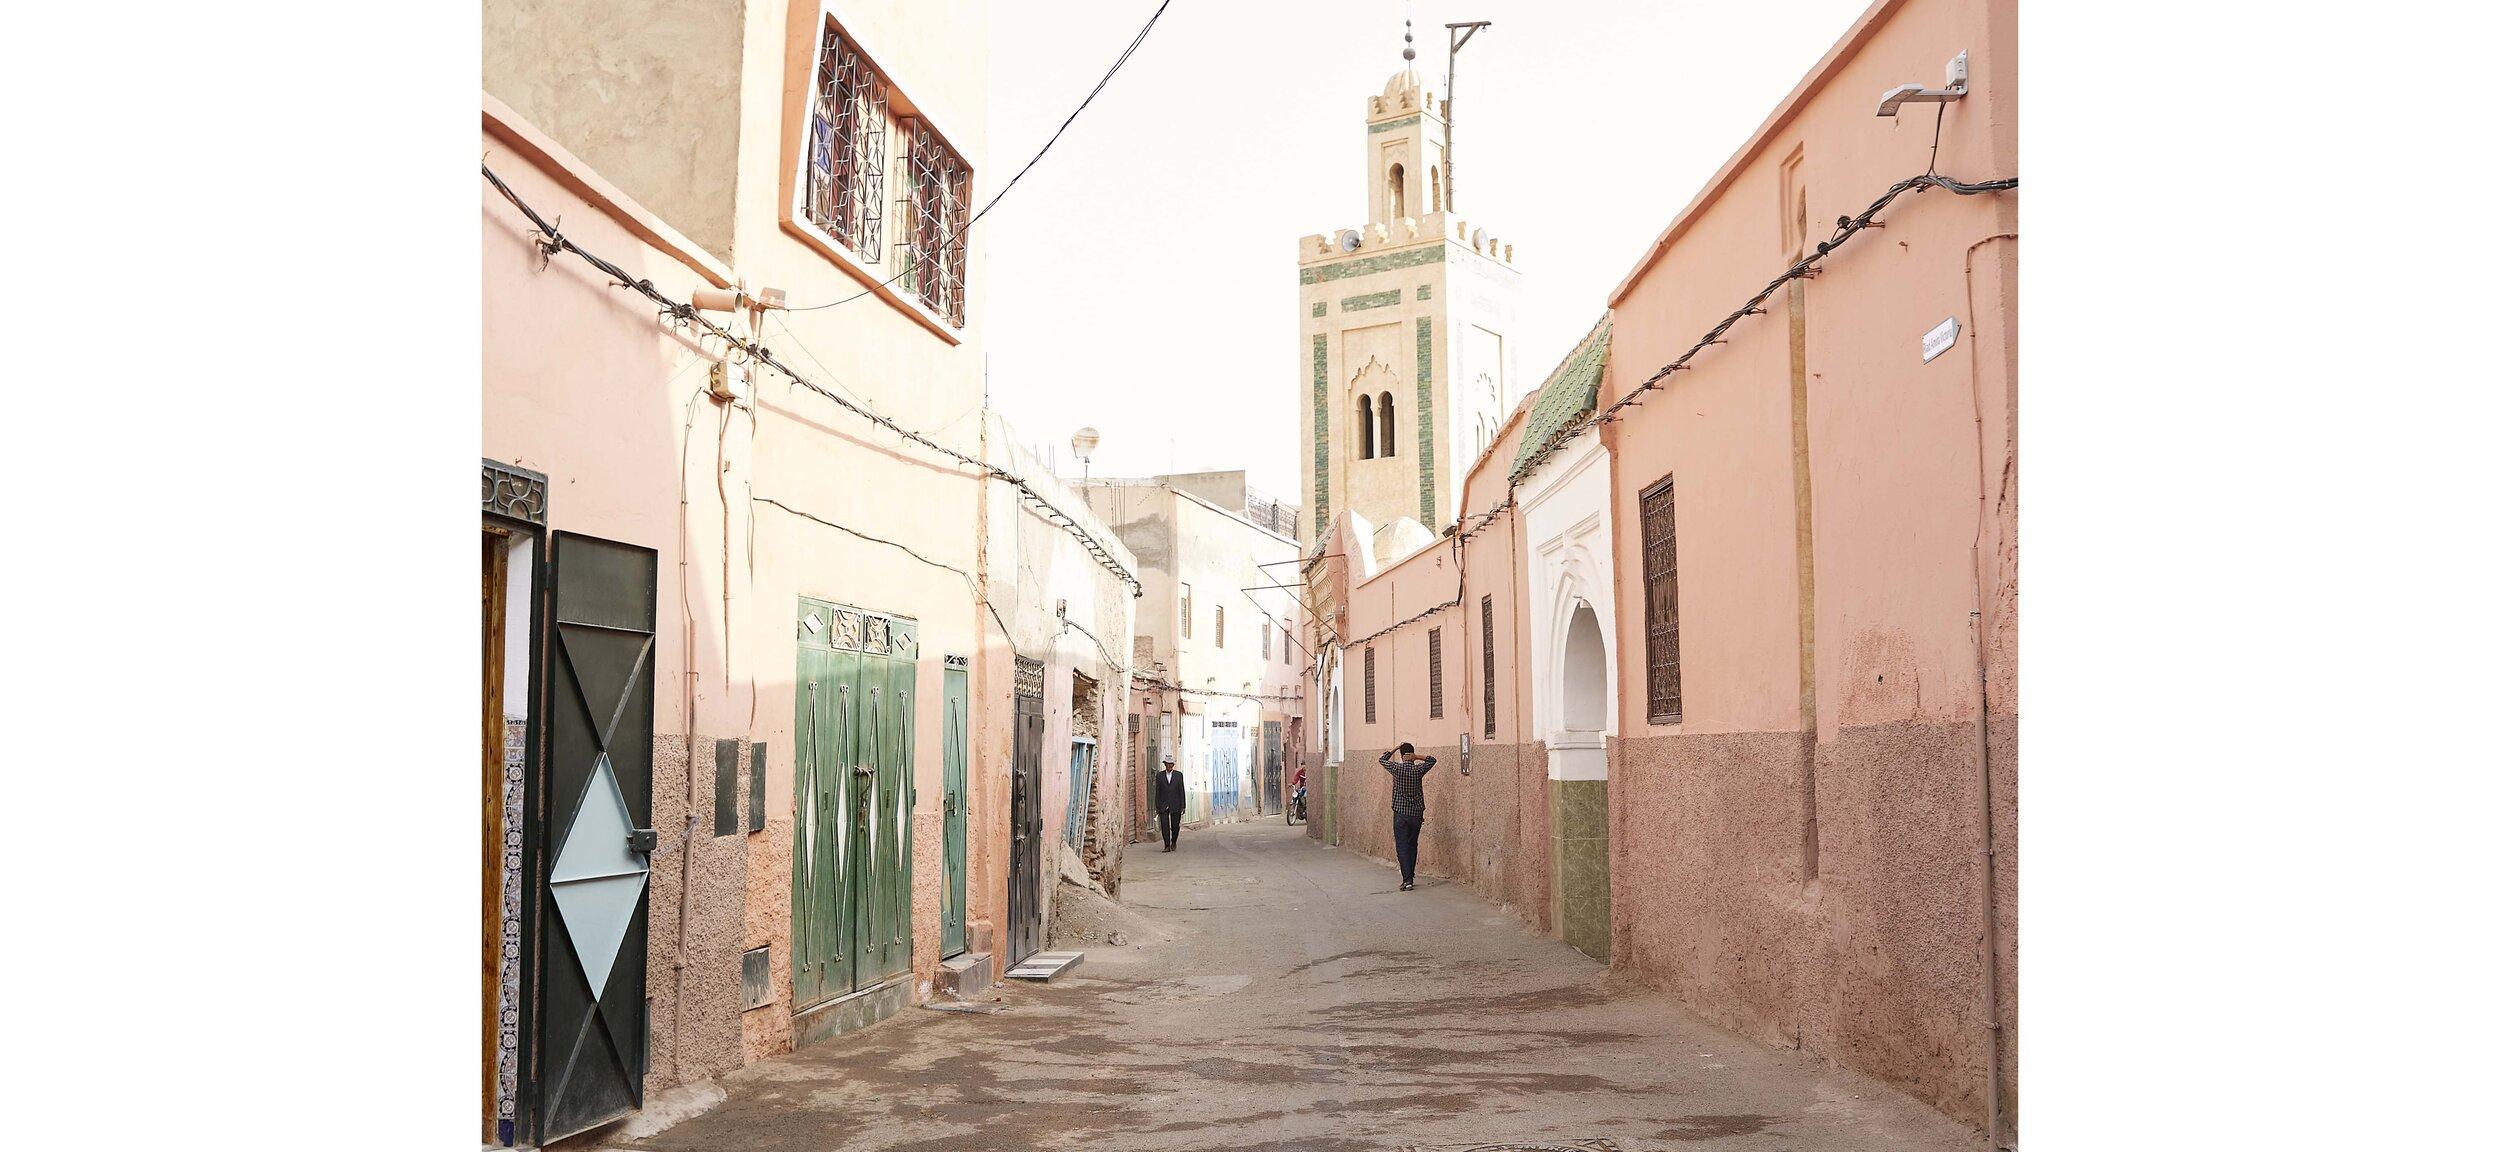 180704_Eurowings_Marrakech_003 1.jpg